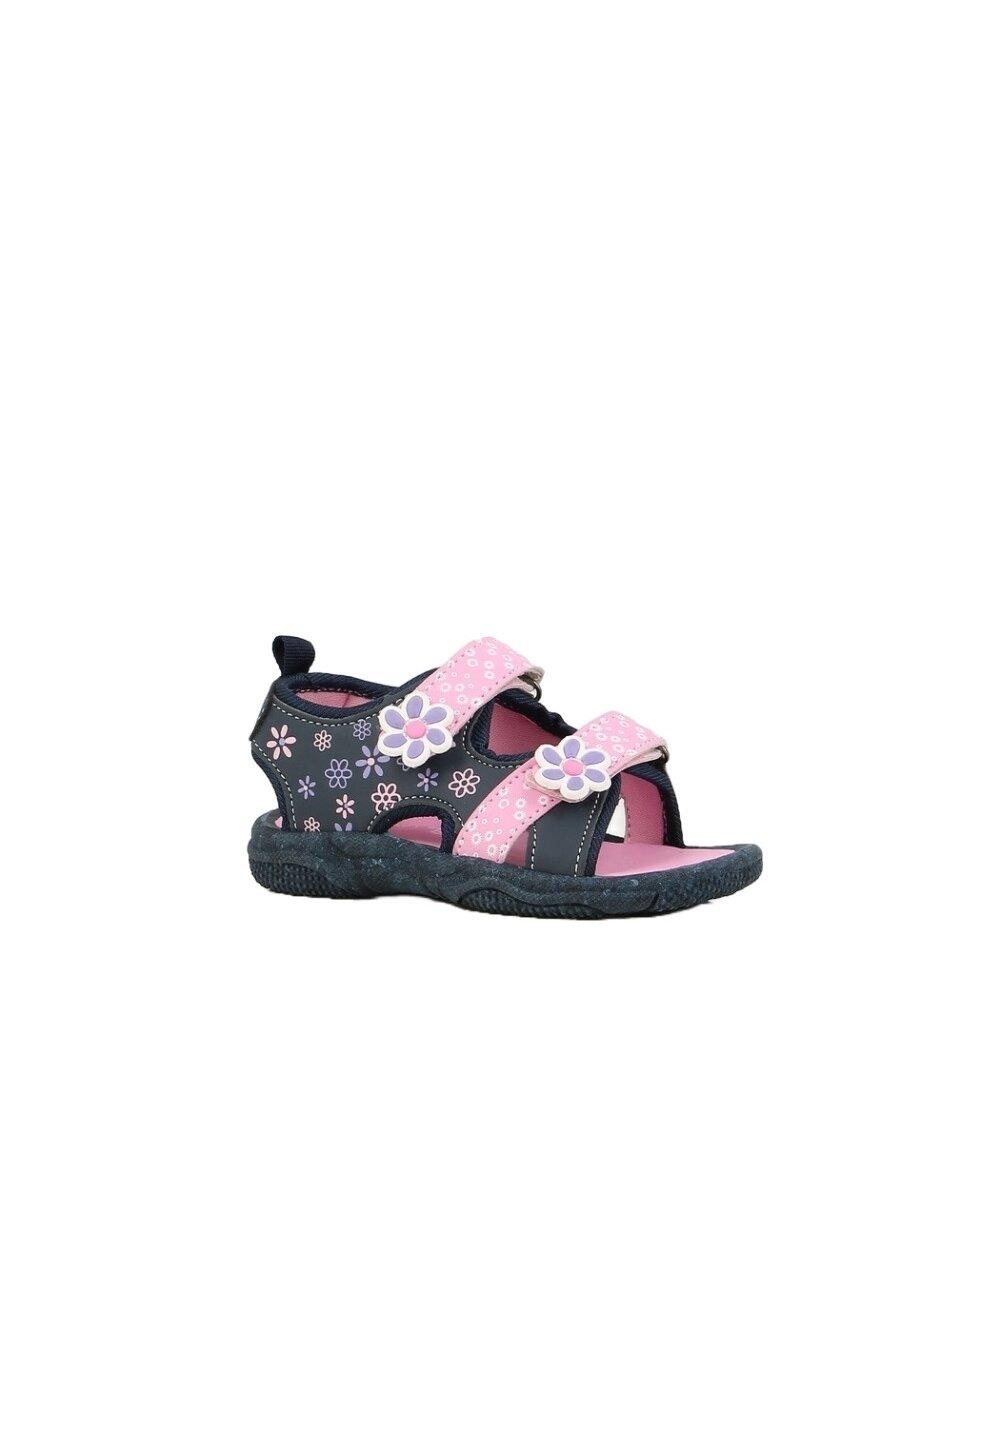 Sandale, bluemarin cu floricele roz imagine